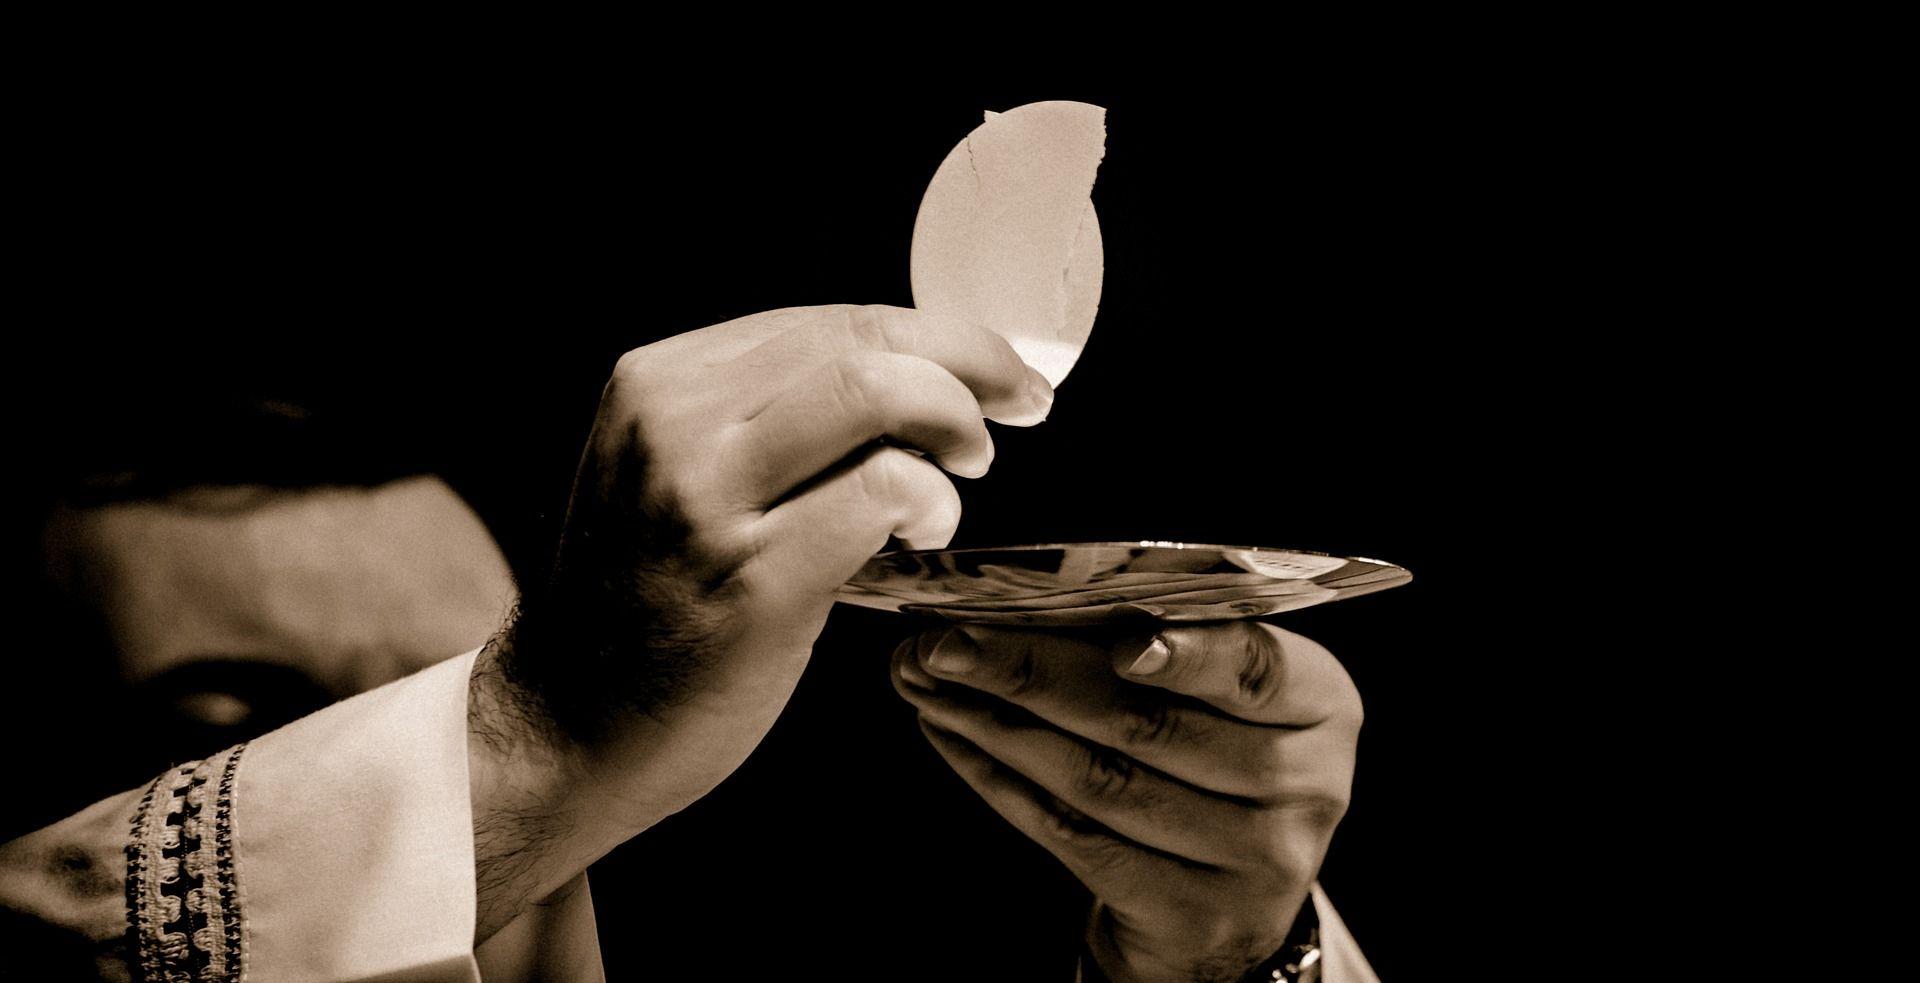 Nakon 18 godina razotkriven lažni svećenik u Španjolskoj